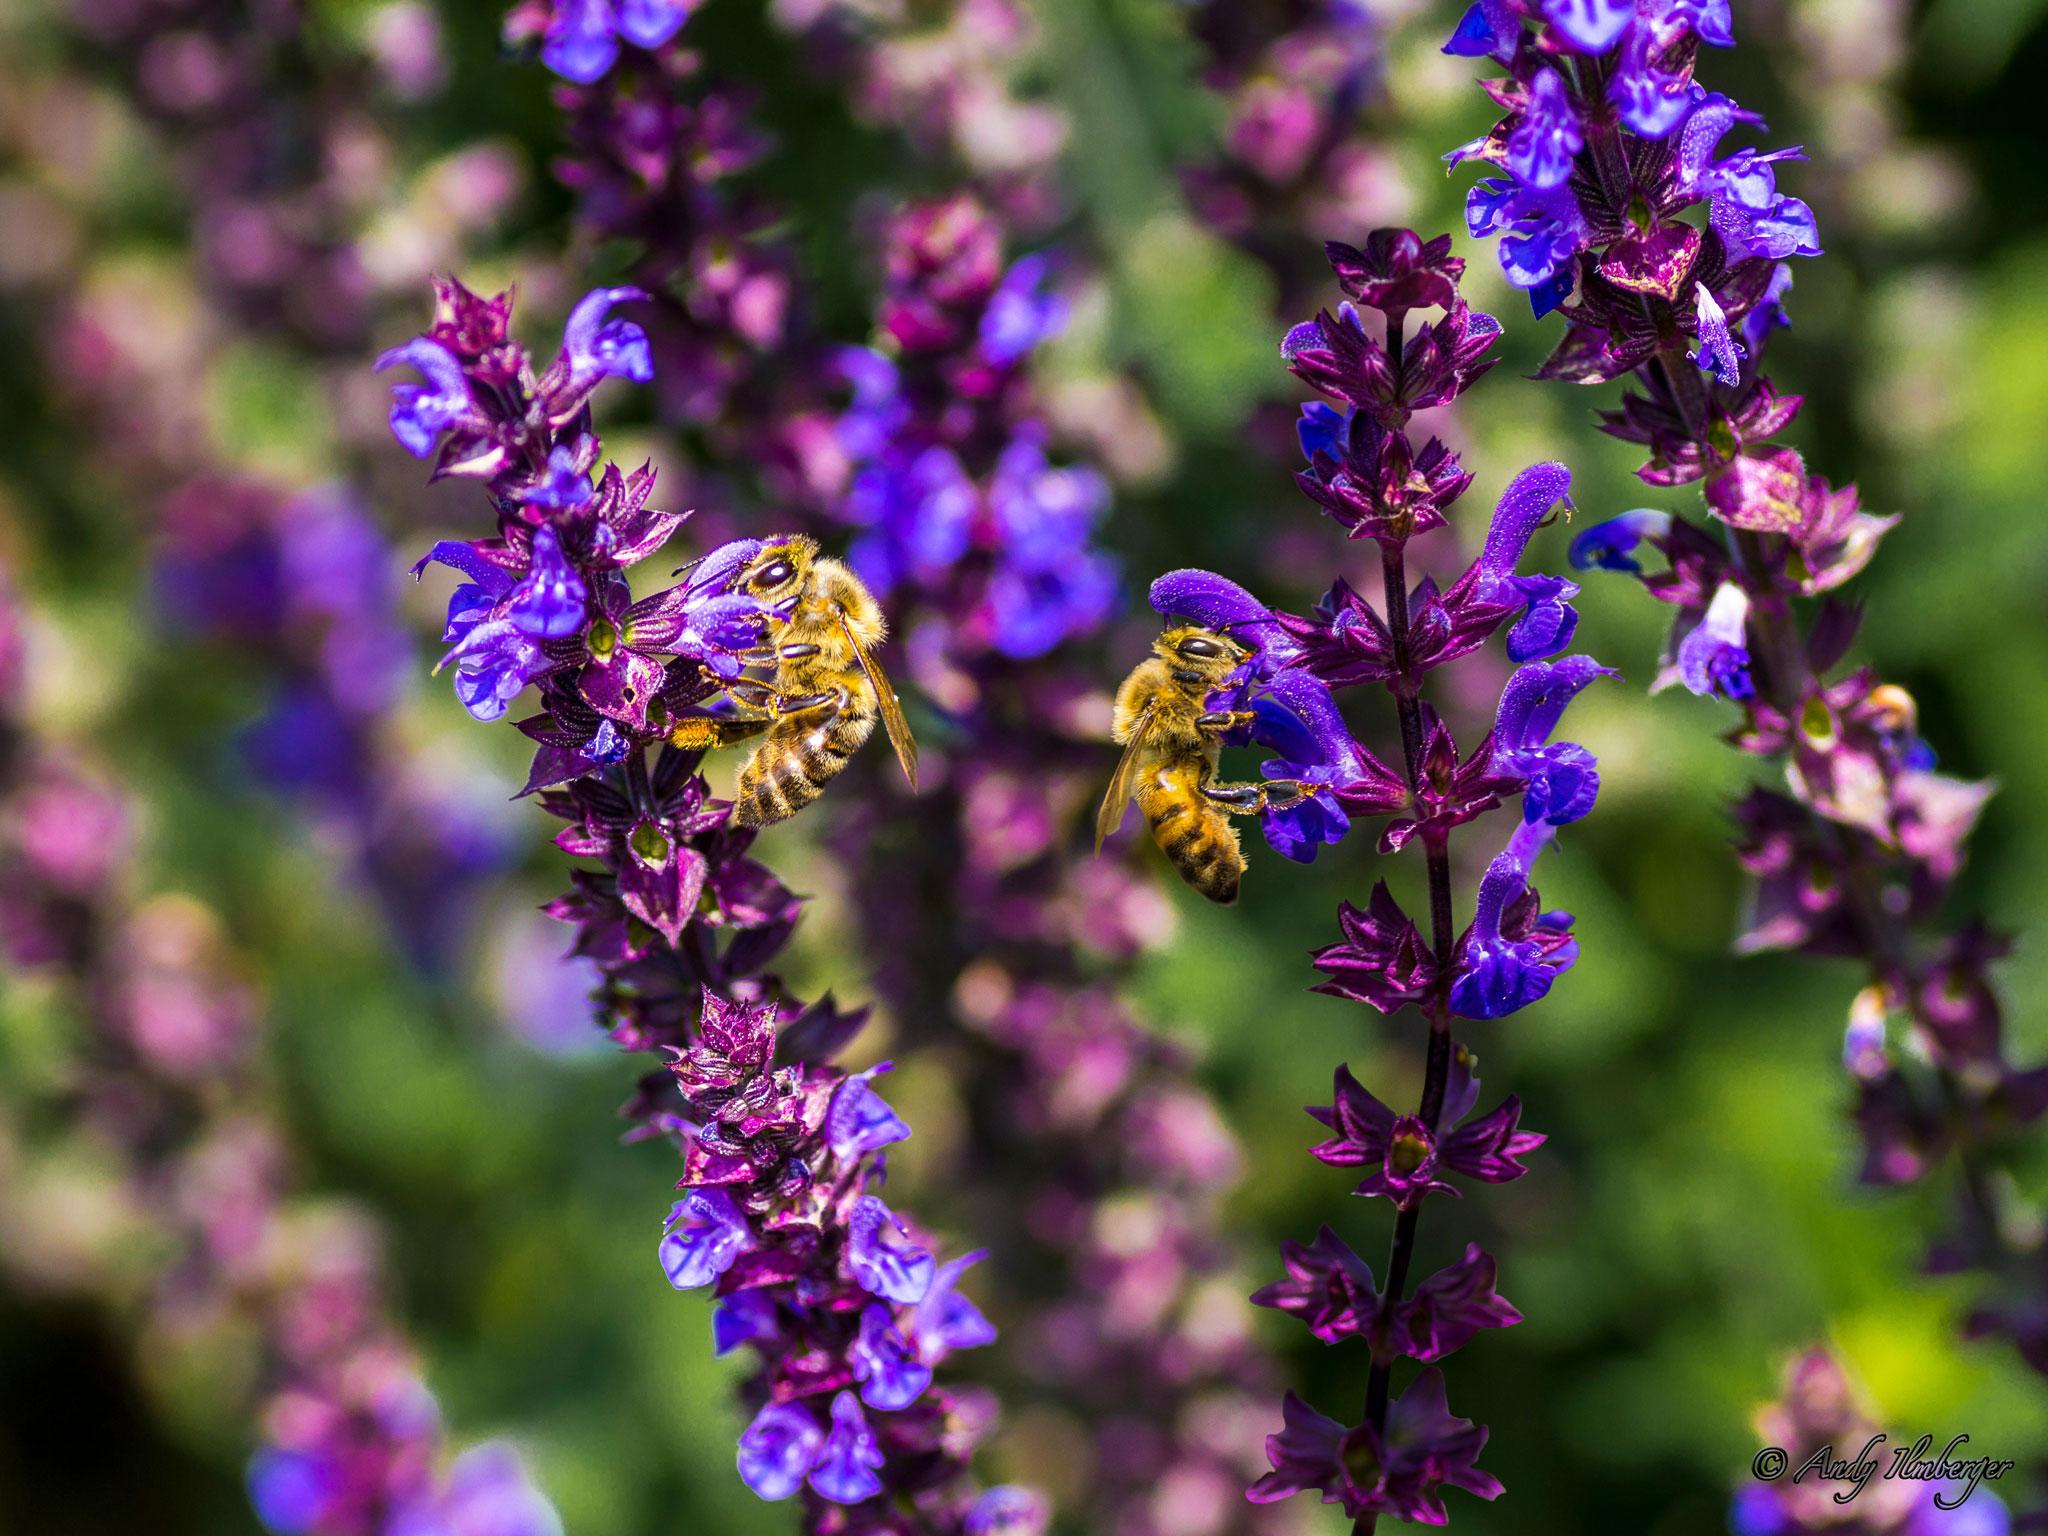 Honigbienen beim Pollensammeln auf Salbeiblüten (Foto: Andy Ilmberger)